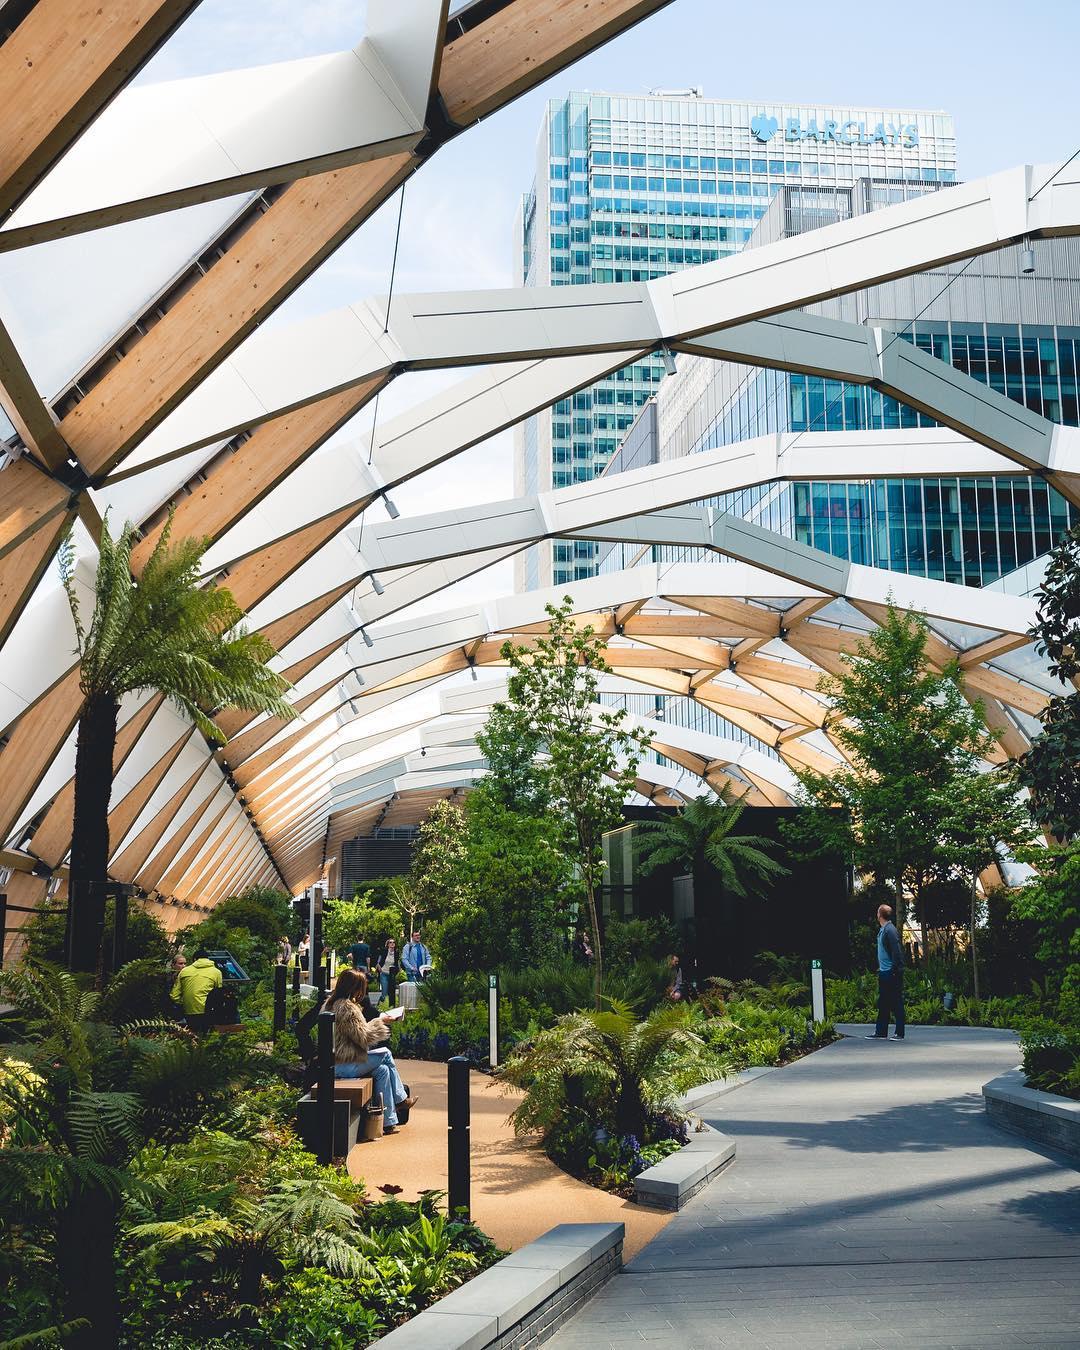 Crossrail Place Roof Garden Canary Wharfs Peaceful Park